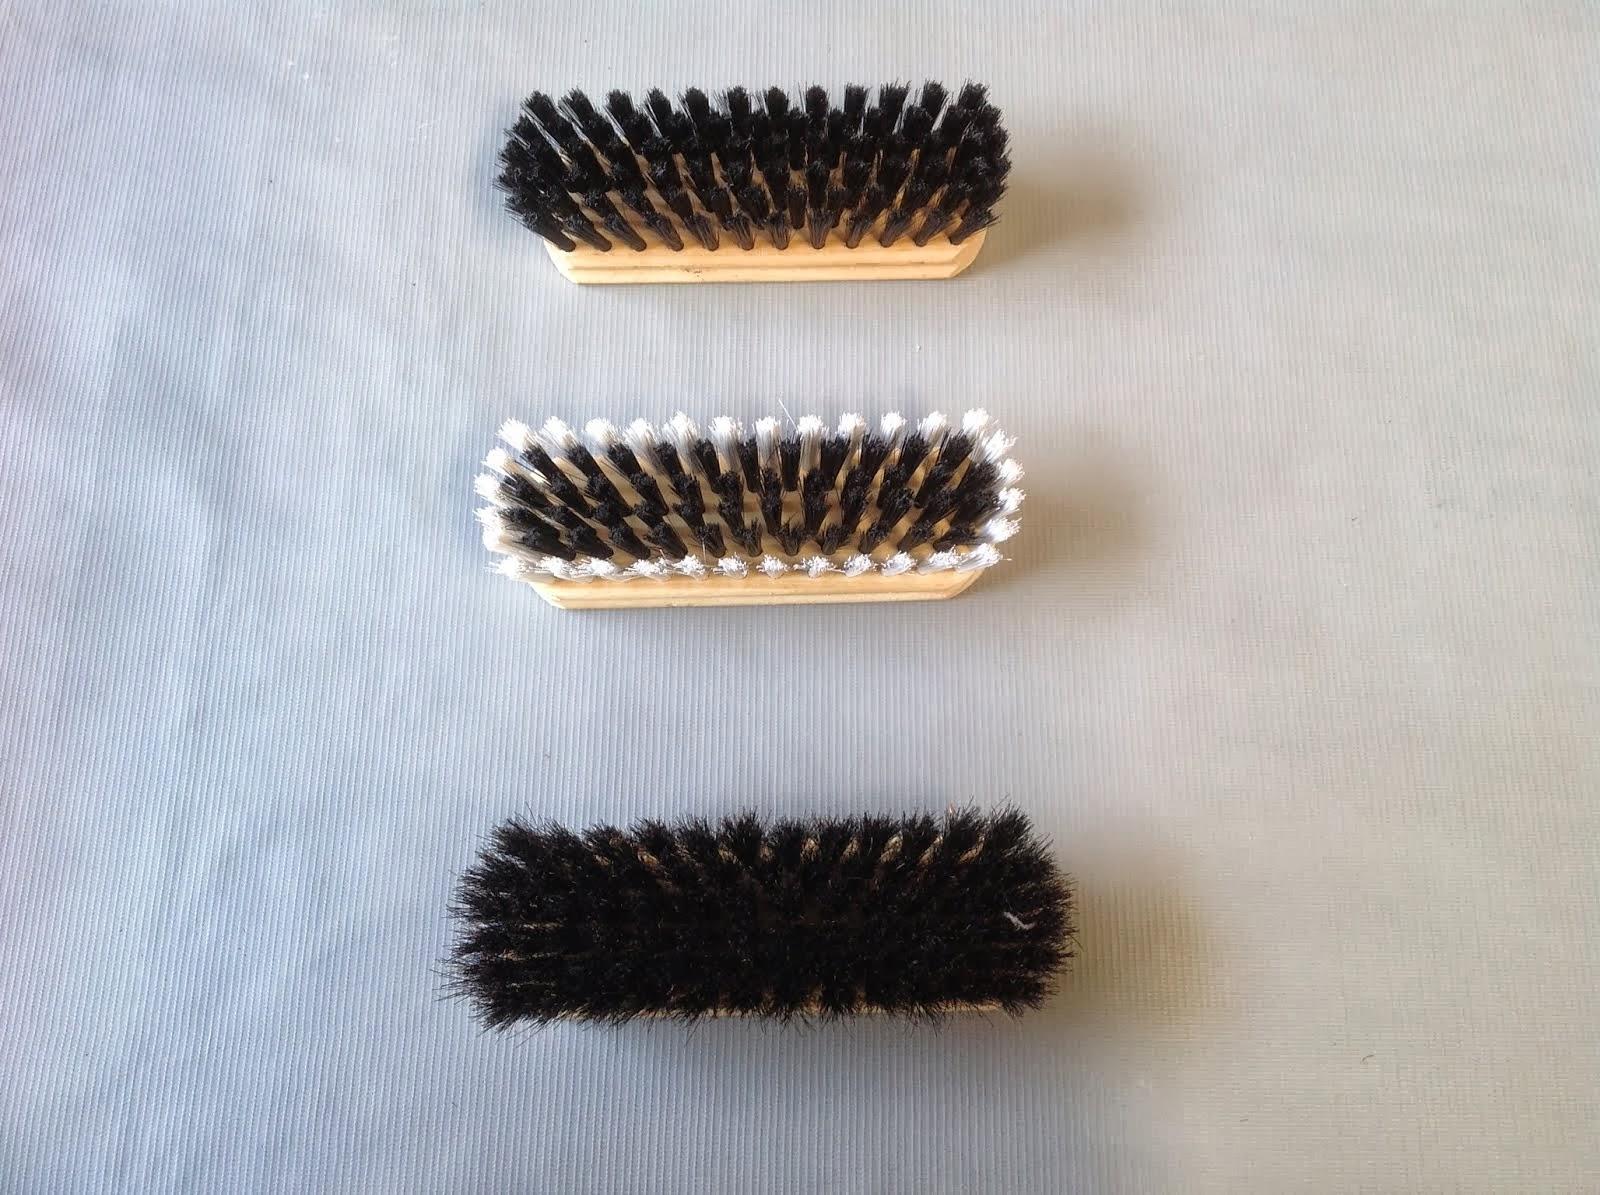 Escova para sapato de nylon, Escova tira lã e Escova para sapato de crina